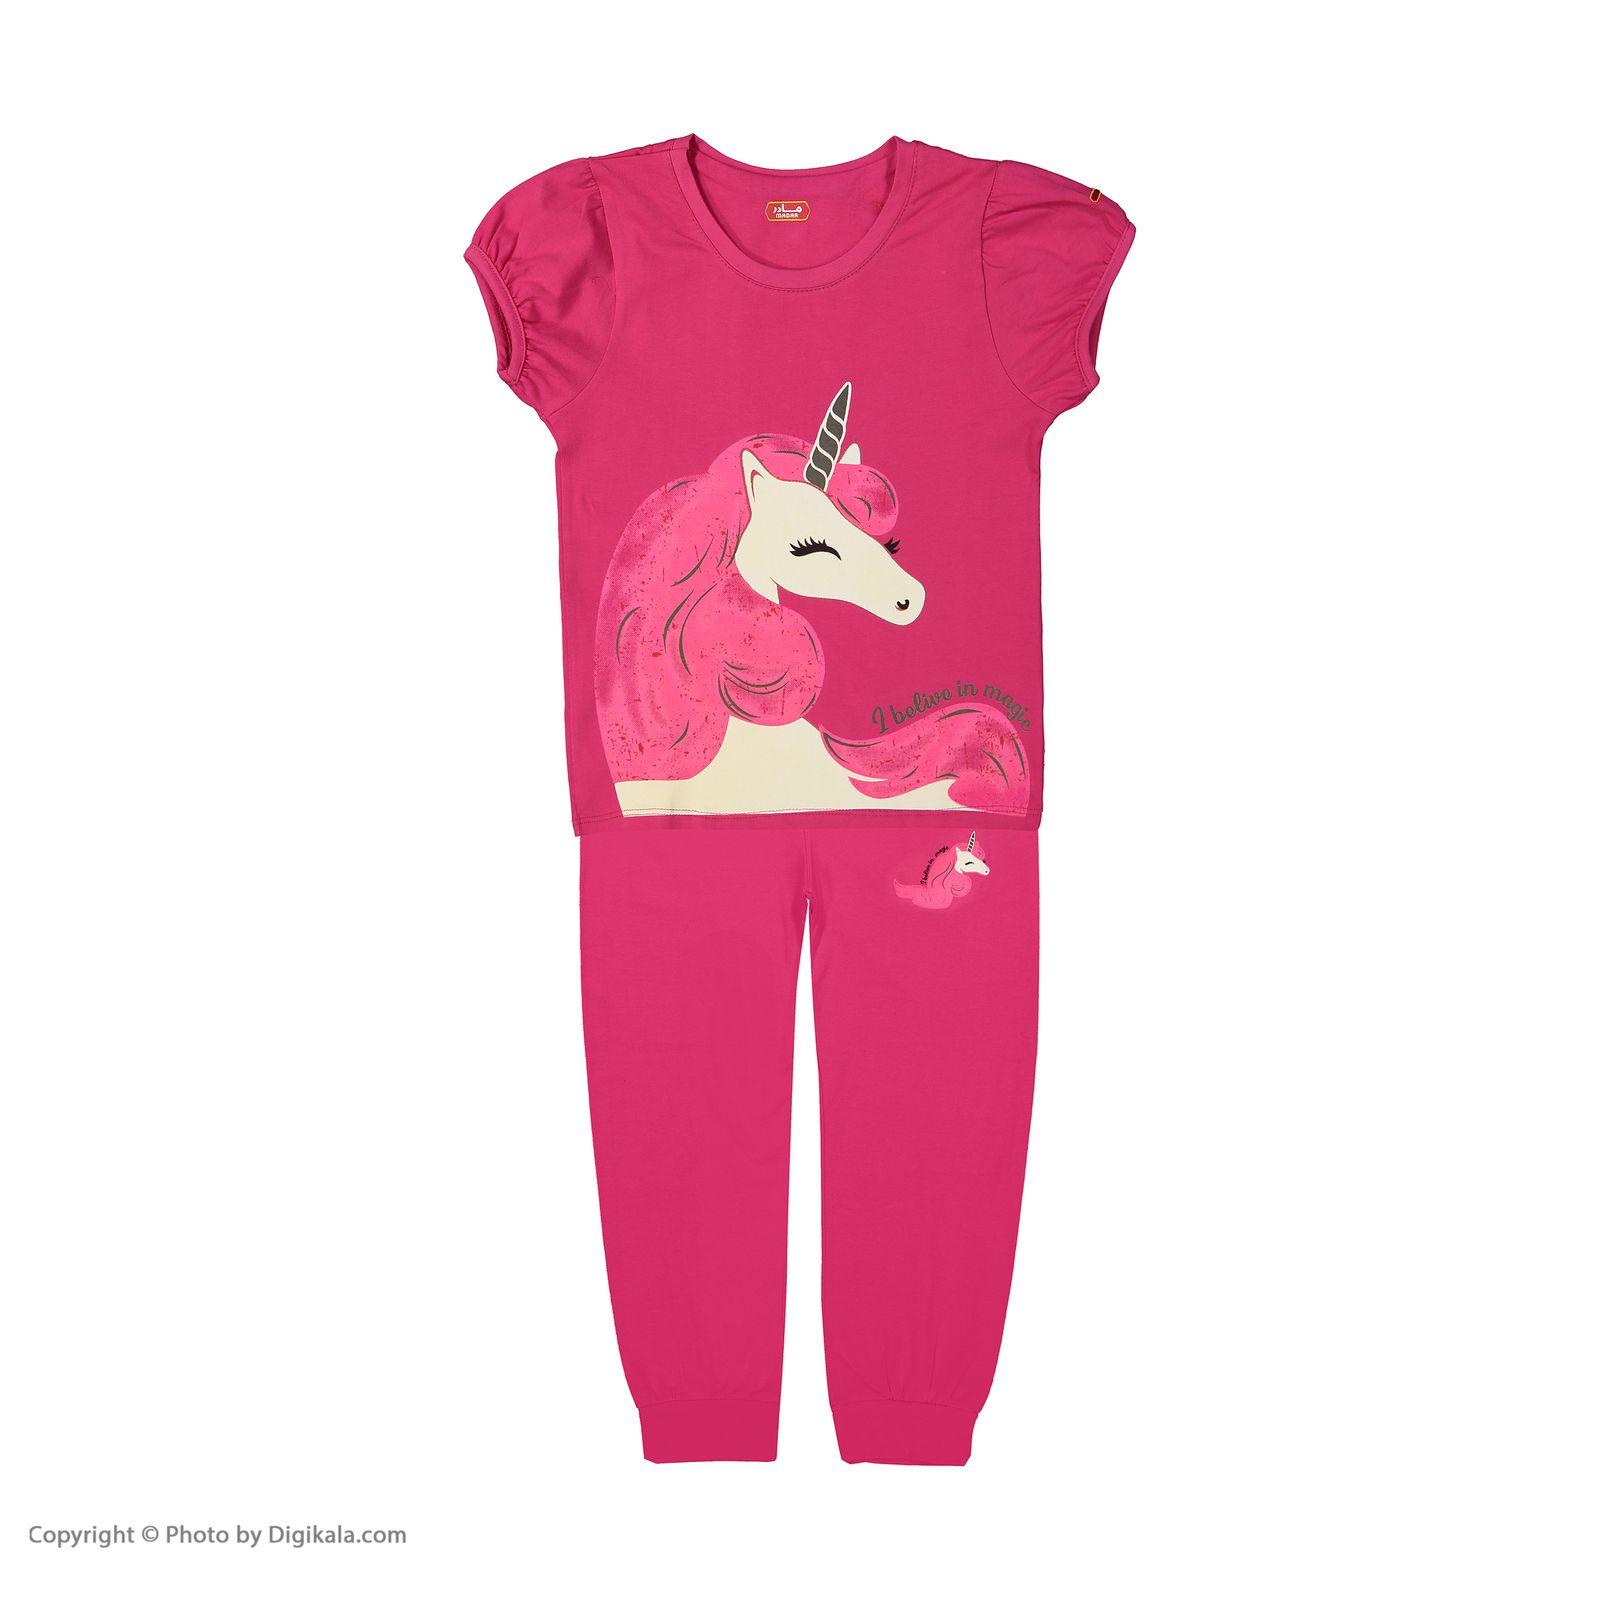 ست تی شرت و شلوار دخترانه مادر مدل 2041104-66 main 1 1